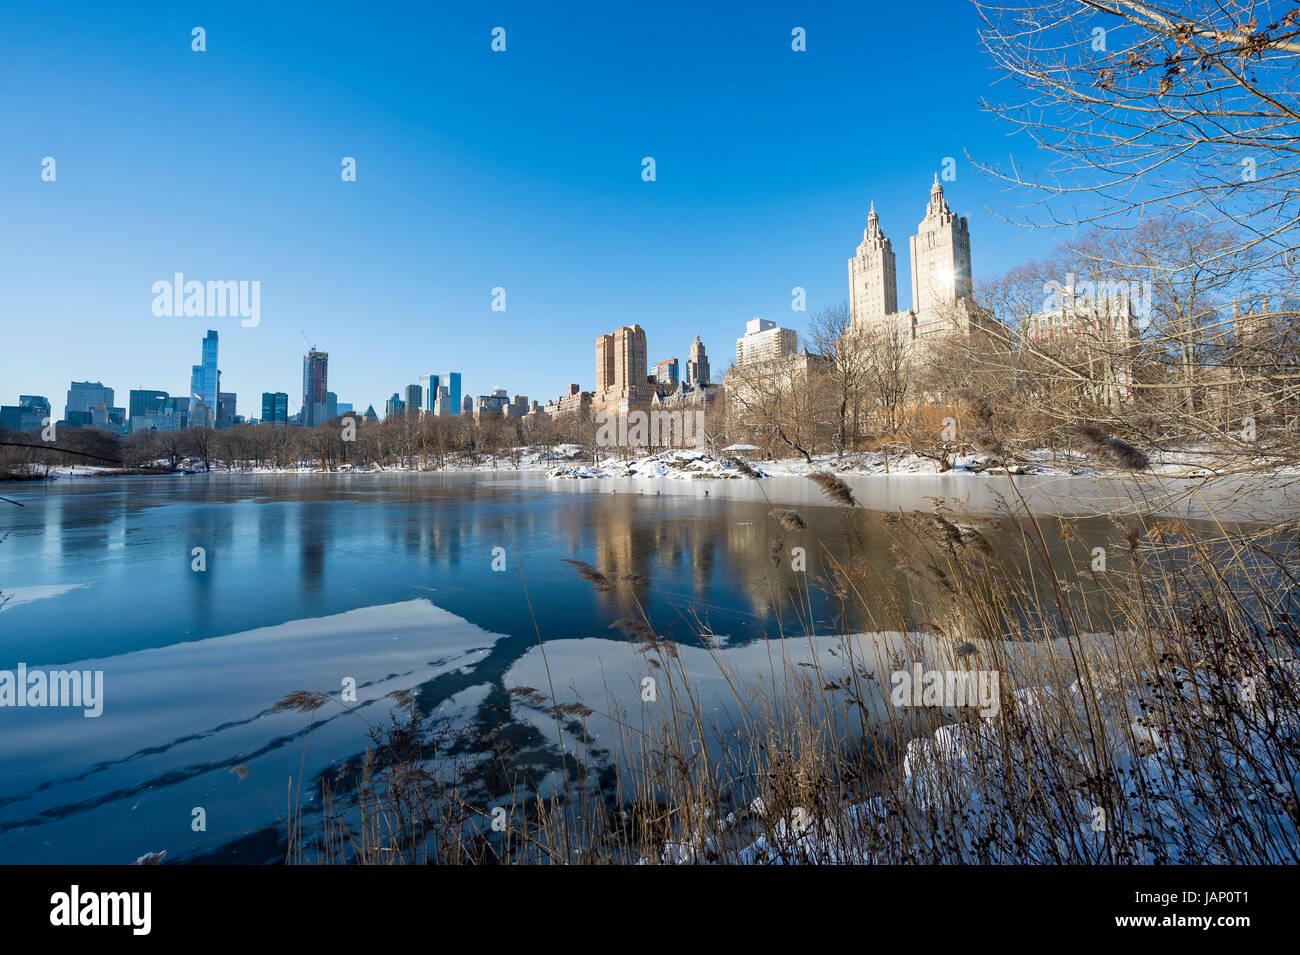 Vista panorámica de la Upper West Side skyline reflejando en el hielo del parque central del lago congelado Imagen De Stock